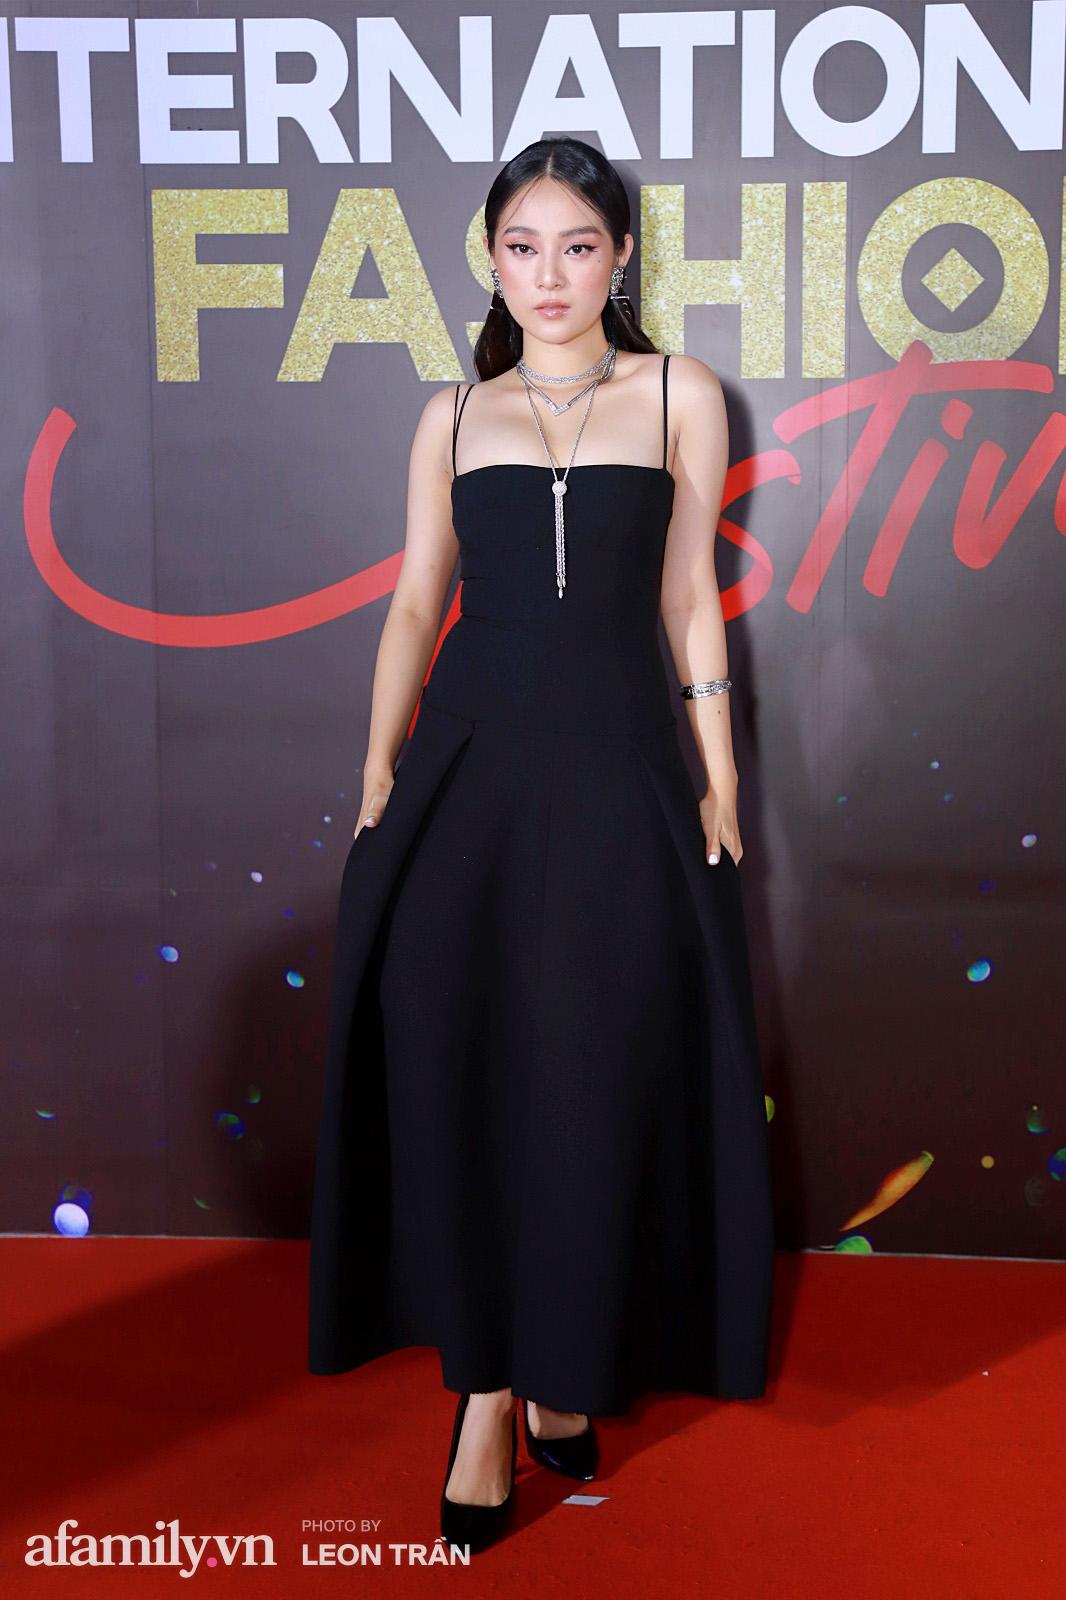 """Fashion Festival ngày cuối: Midu đẹp tựa thần tiên, nhưng giật spotlight lại là gương mặt """"mới cứng"""" của showbiz Việt  - Ảnh 6."""